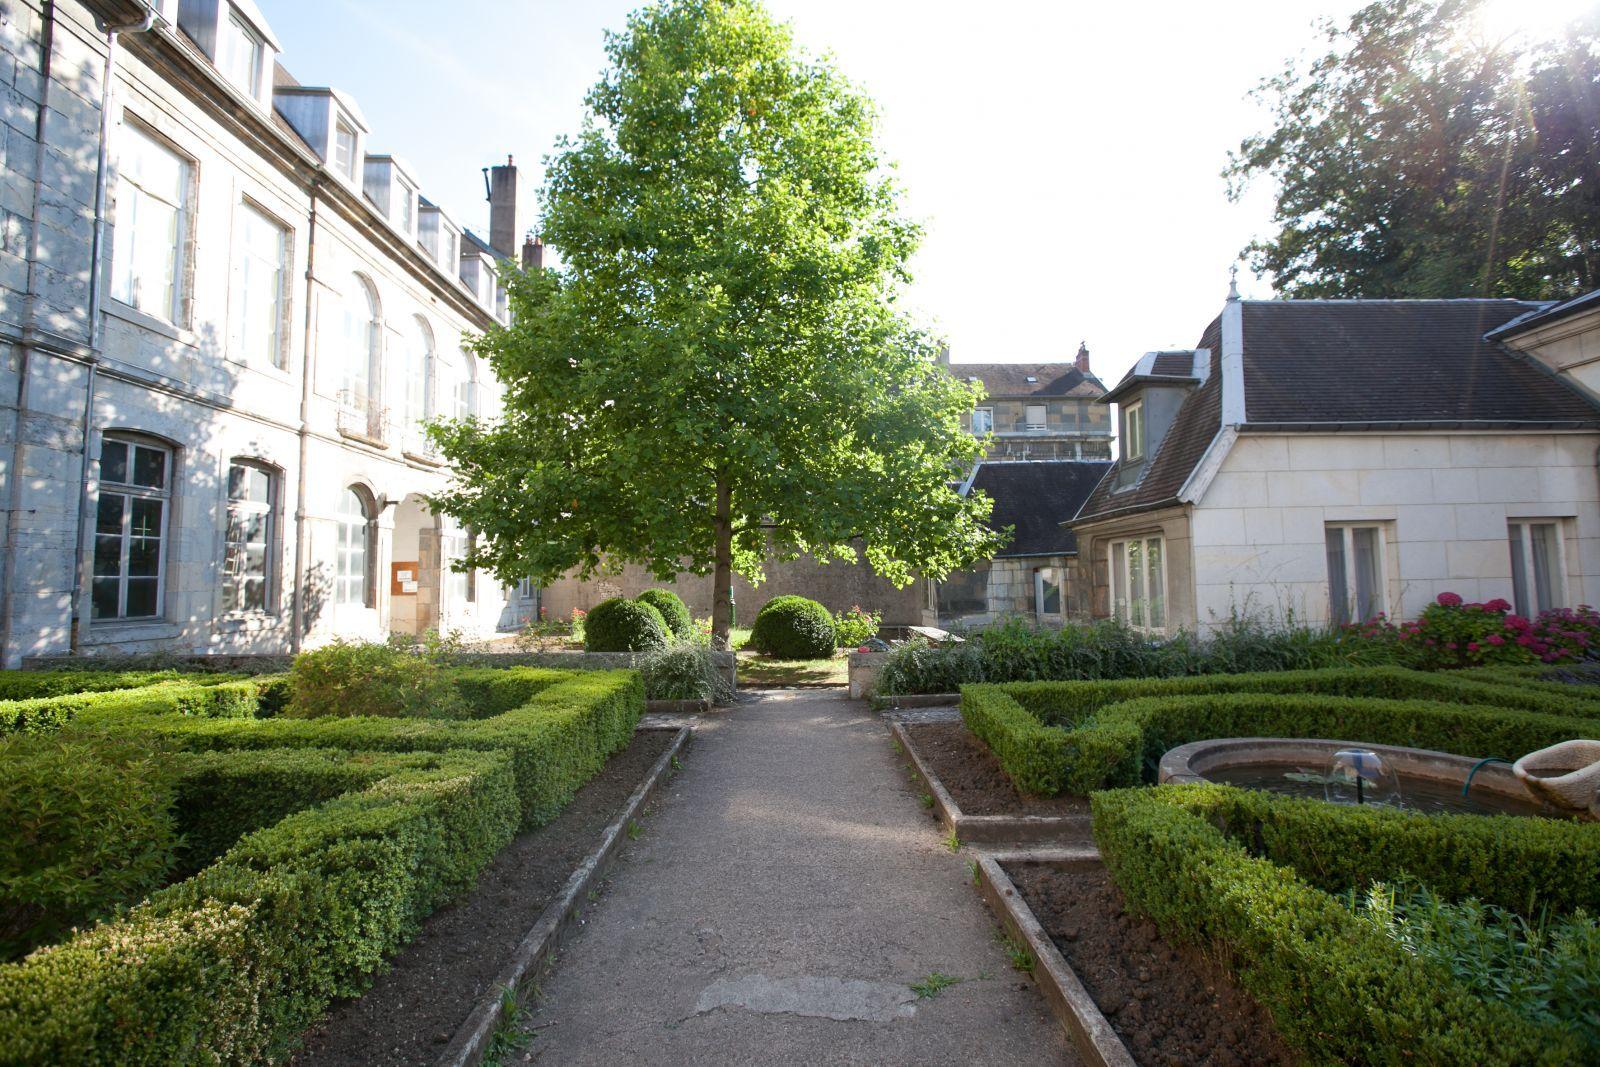 M arland lecteur diteur crivain l 39 actu de l 39 universit de franche comt - Petit jardin public lettres besancon ...